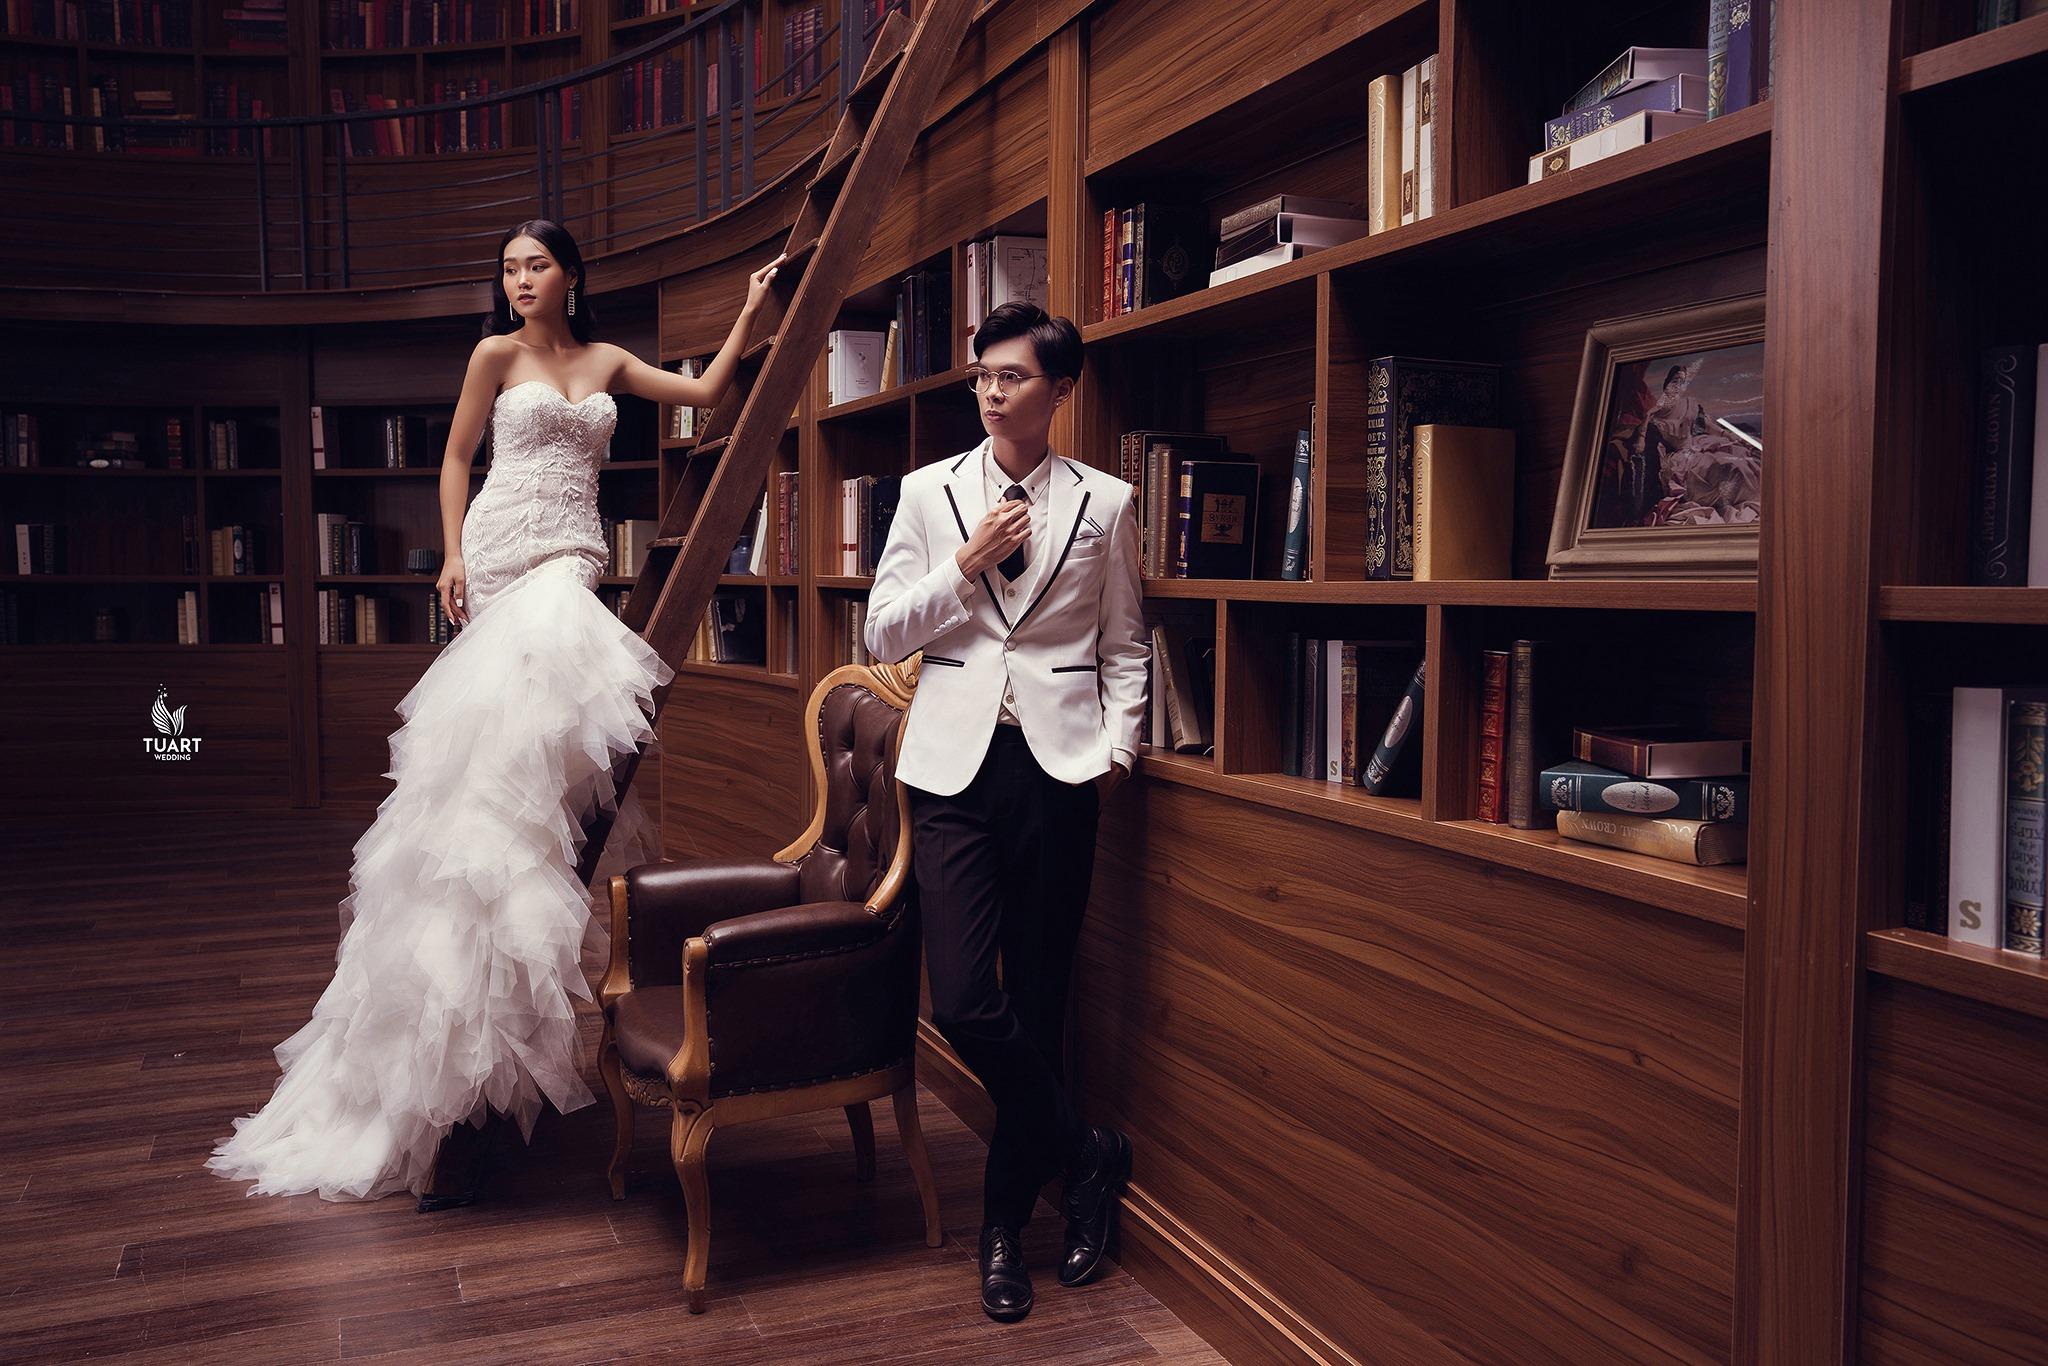 Album chụp ảnh cưới đẹp tại Hà Nội: 5 Graden Studio 8